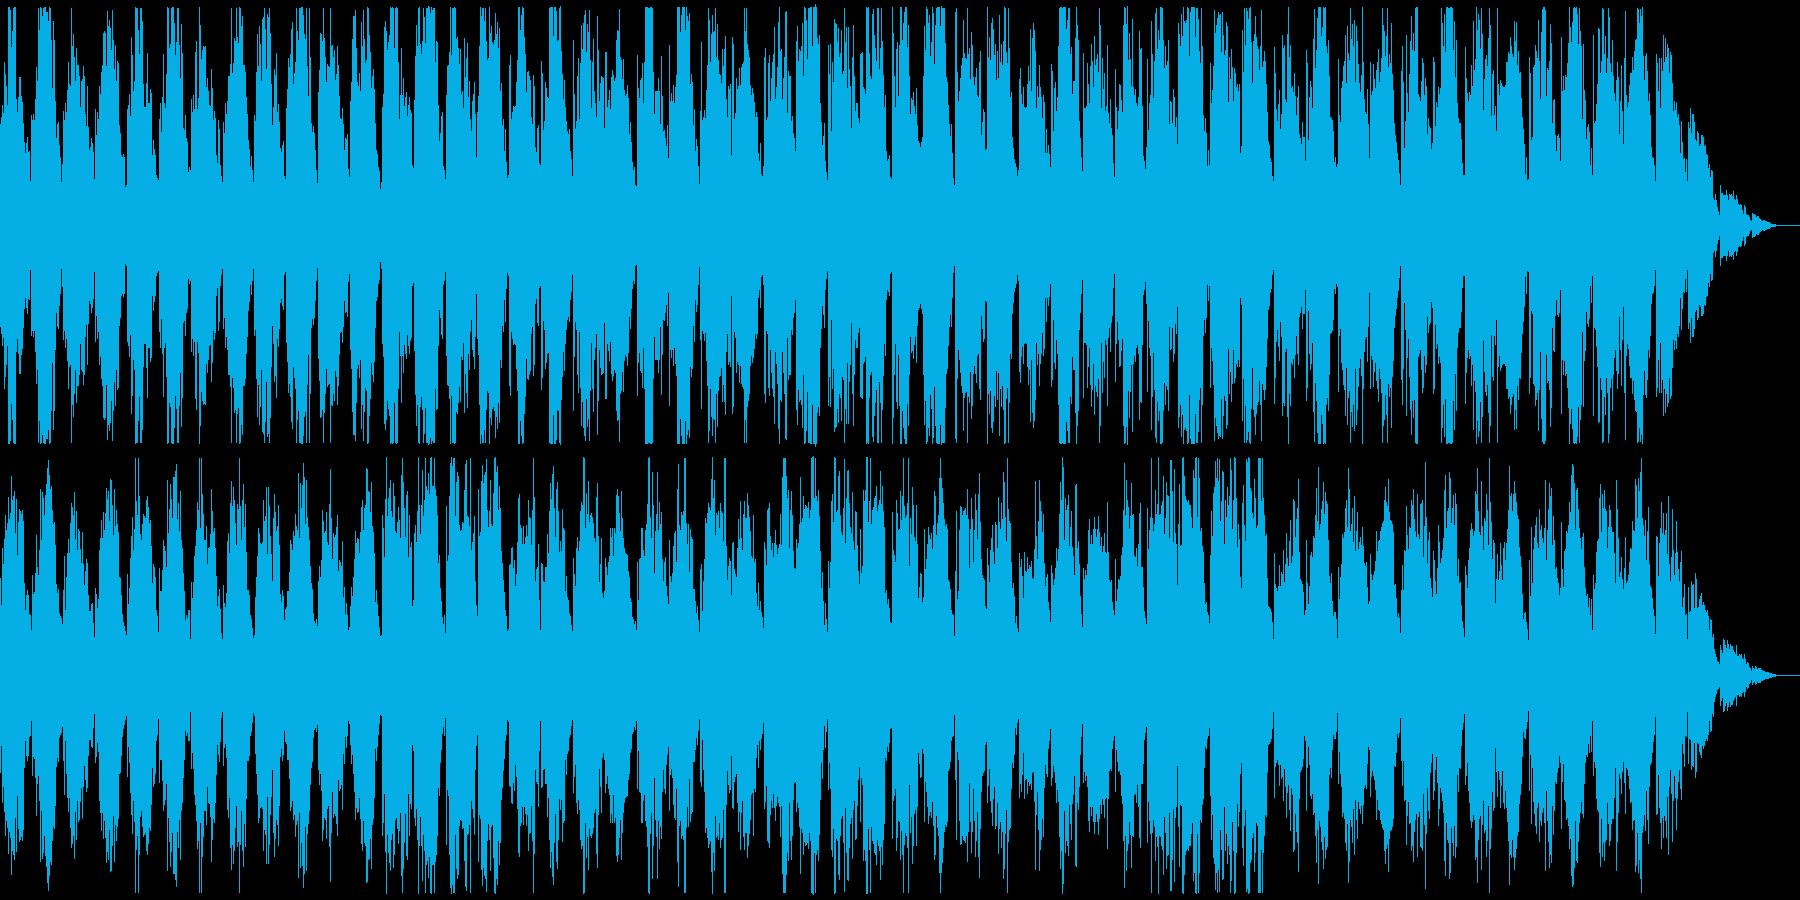 瞑想やヨガ、睡眠誘導のための音楽 08の再生済みの波形